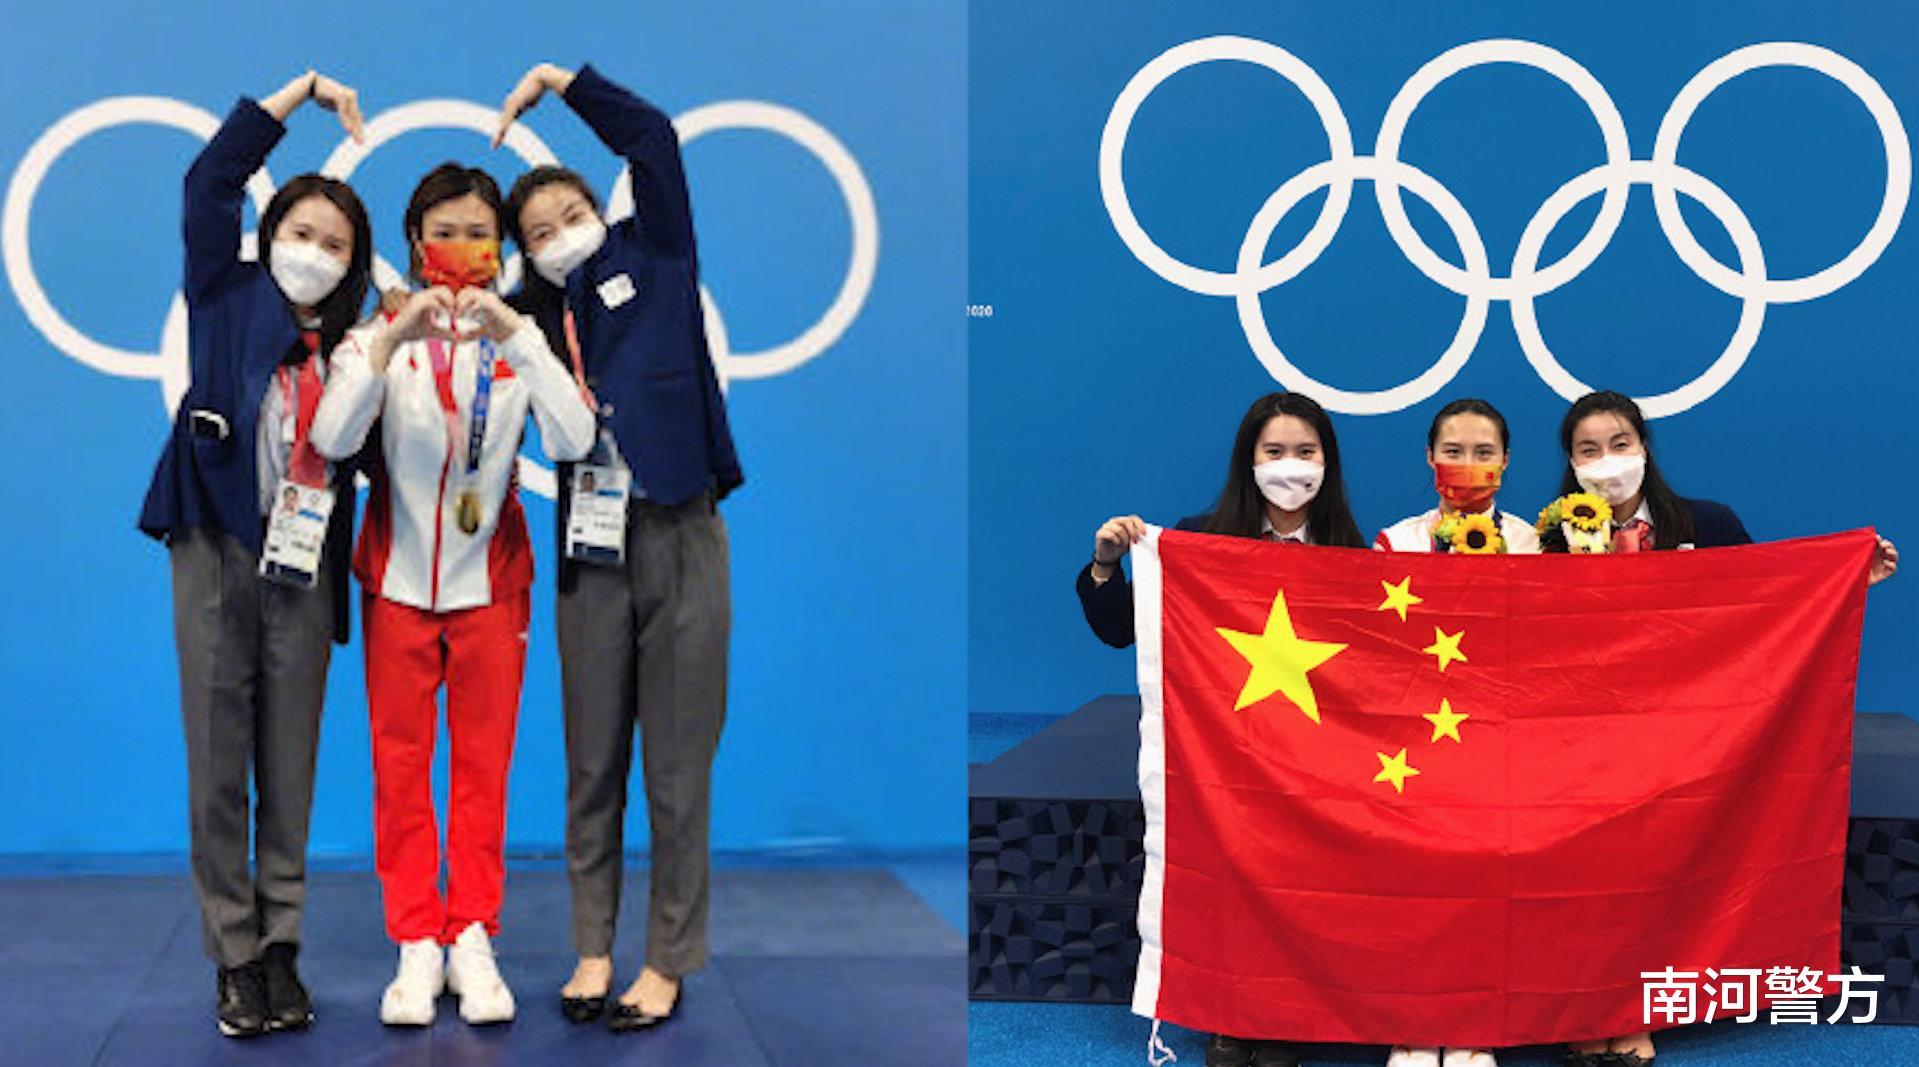 這是中國跳水夢之隊的傳承! 郭晶晶、陳若琳、施廷懋同框比心合影-圖4